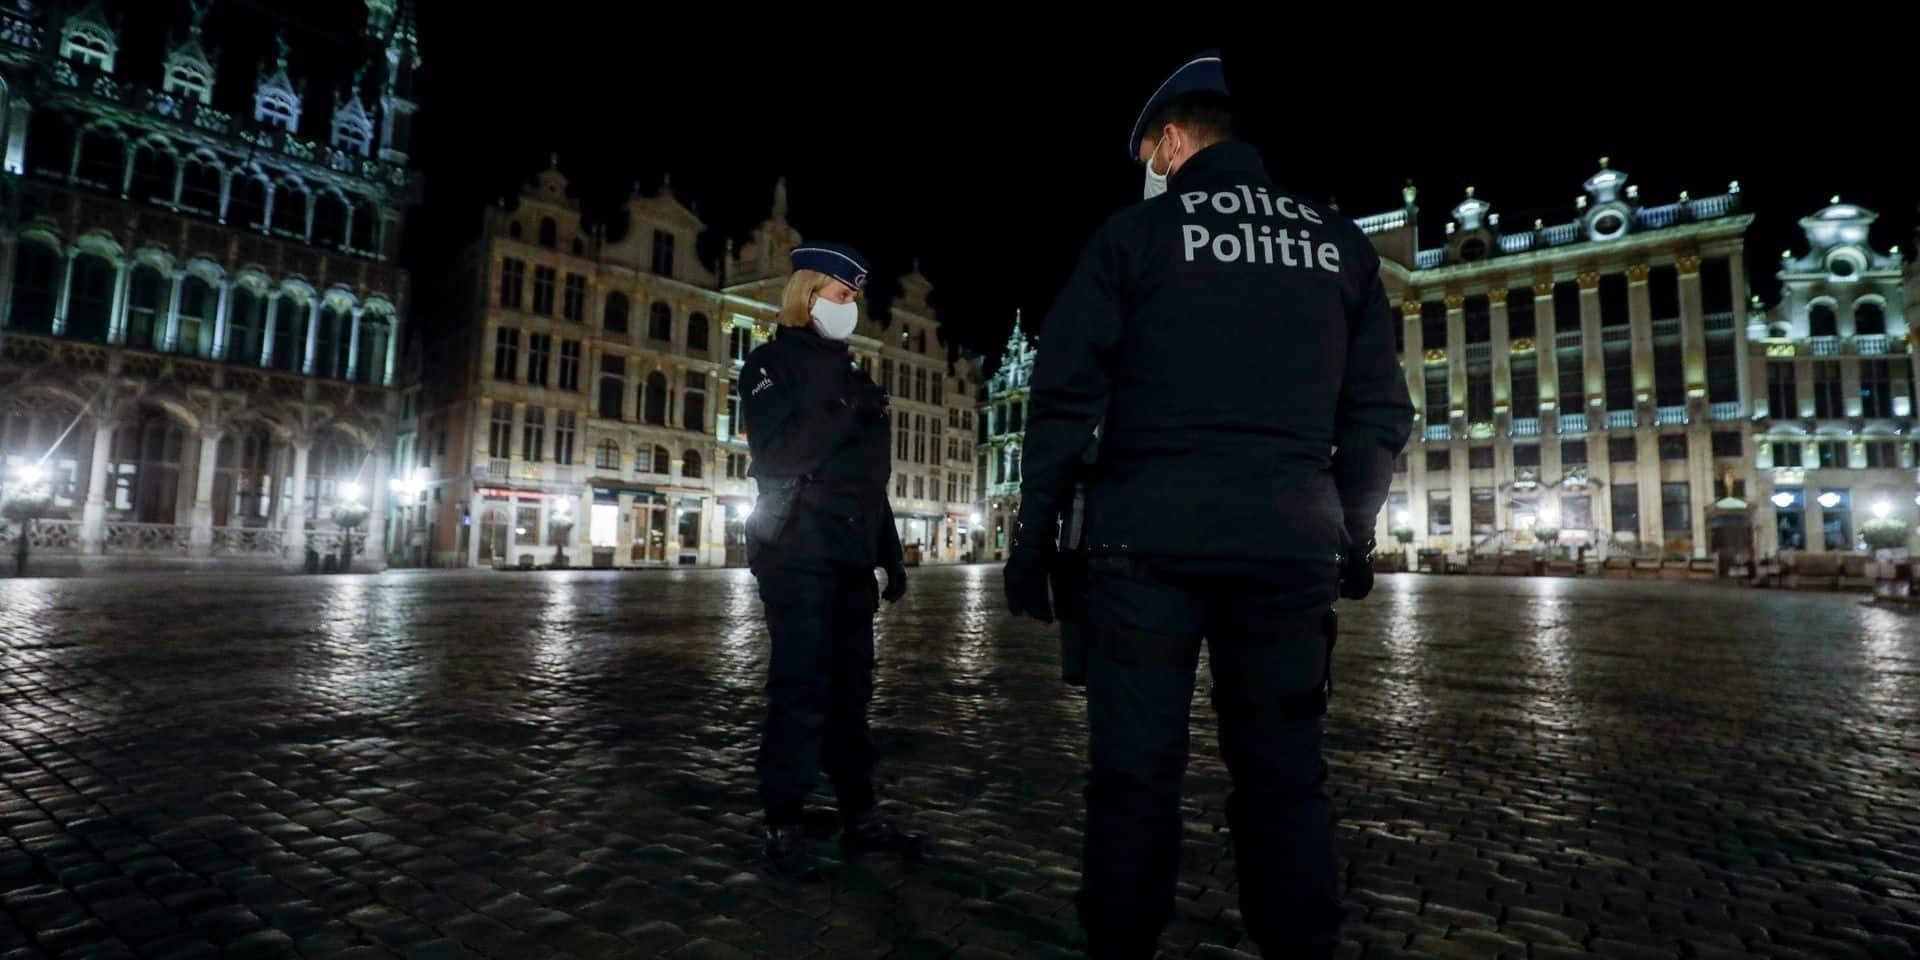 Le couvre-feu bruxellois maintenu à 22h jusqu'au début des vacances de Pâques